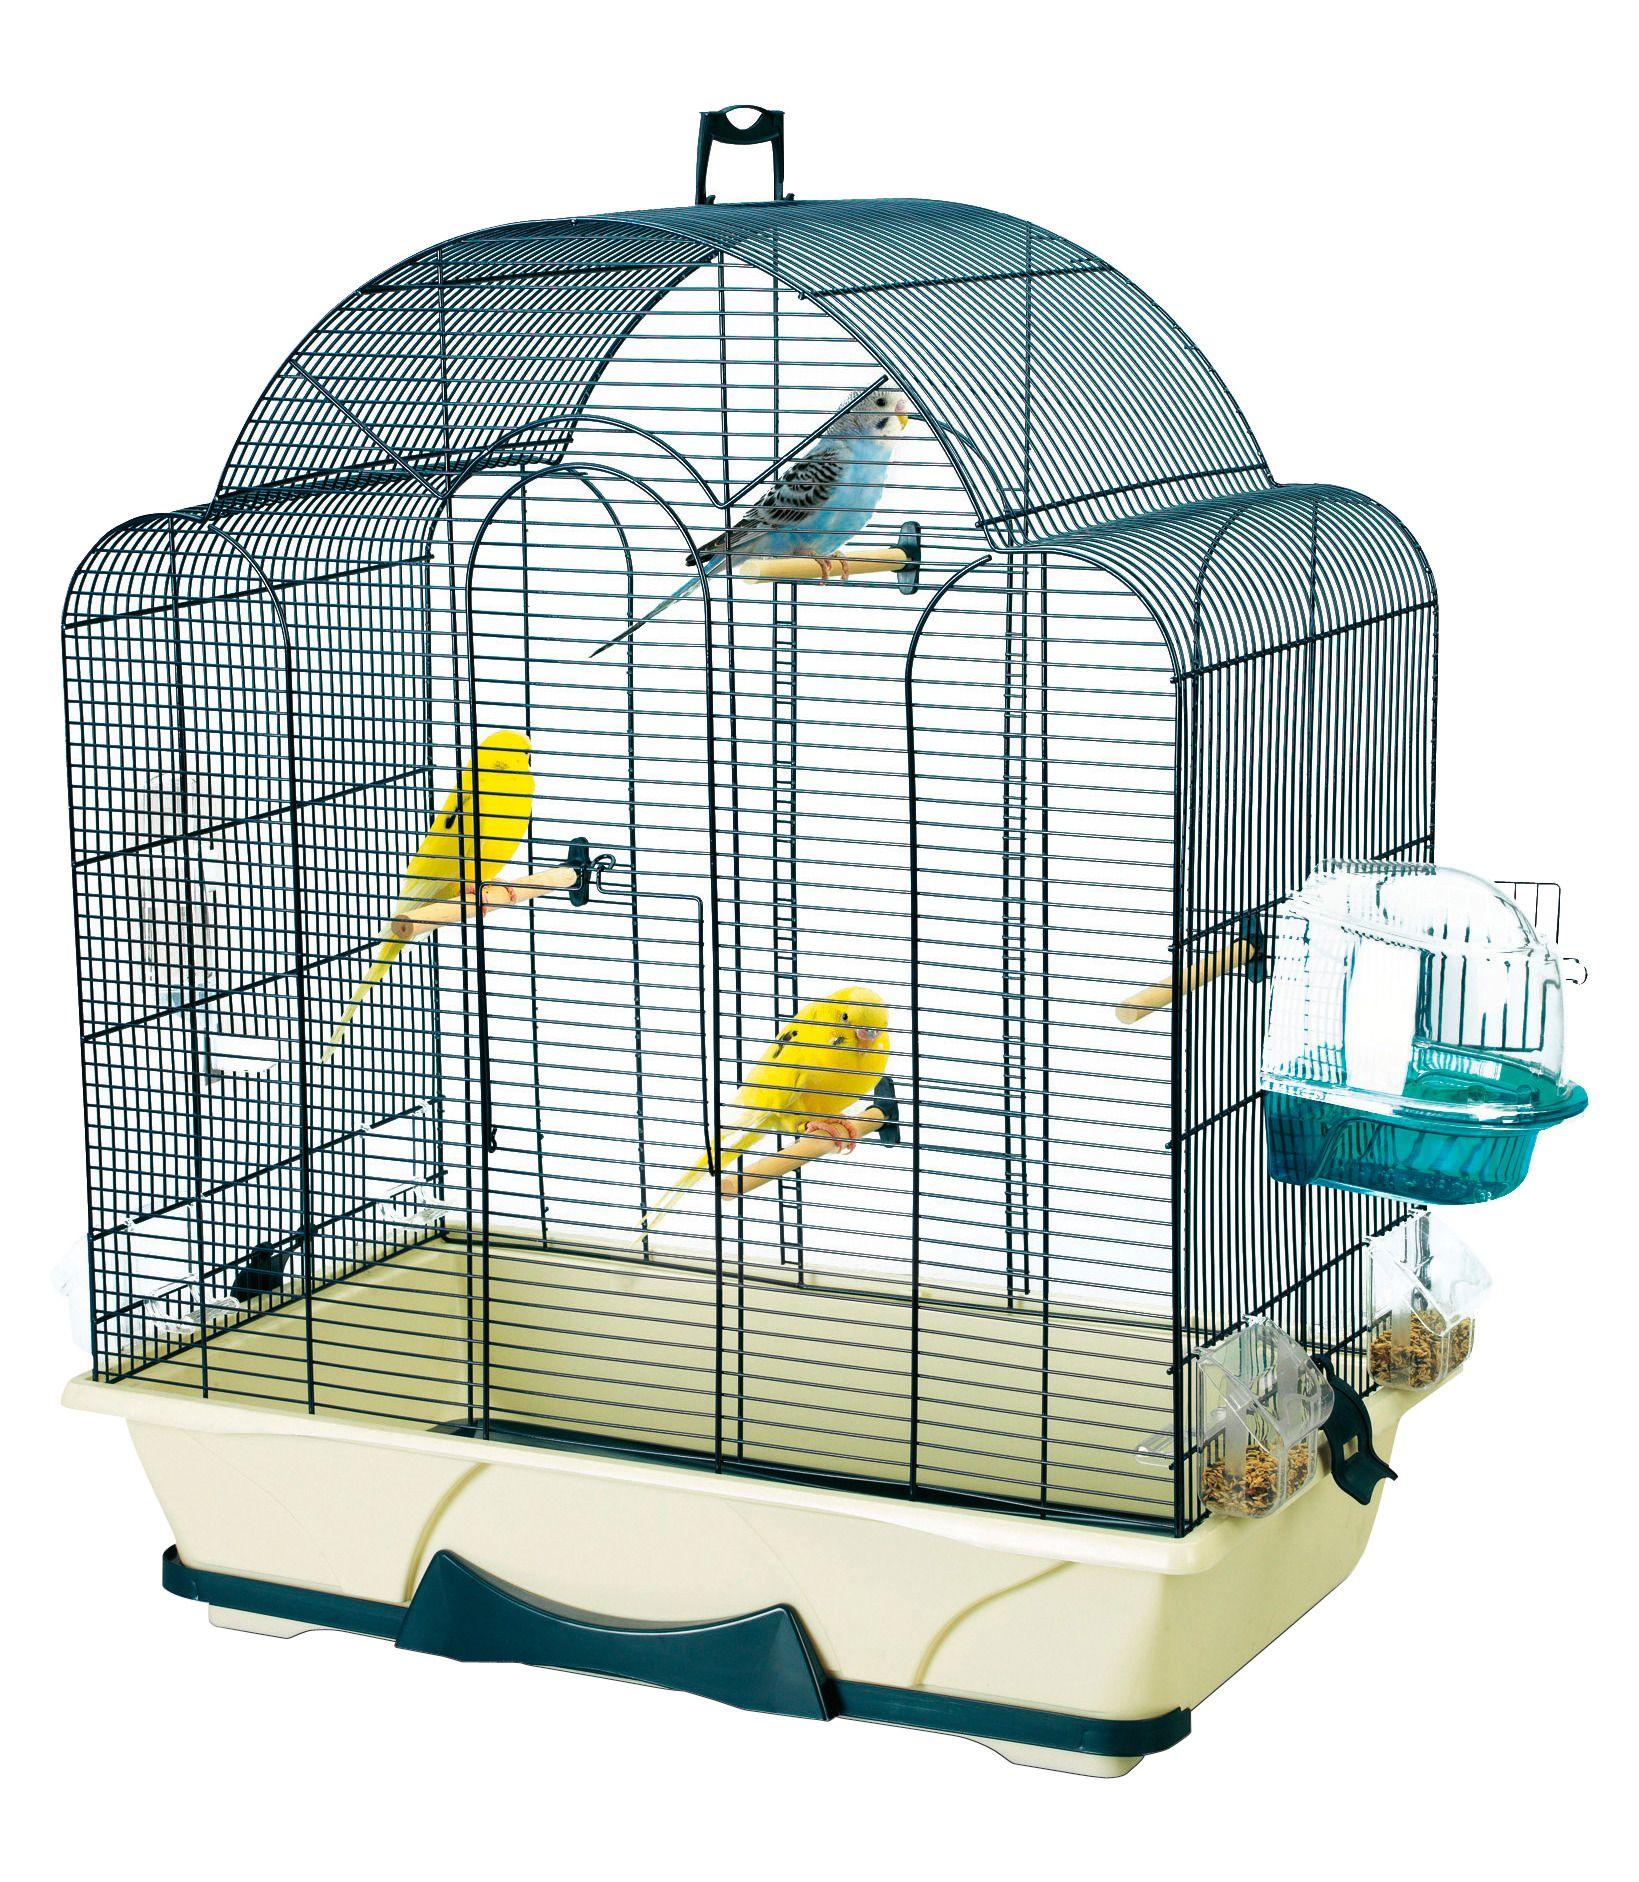 vogelkaefig g nstig online kaufen beim schwab versand. Black Bedroom Furniture Sets. Home Design Ideas